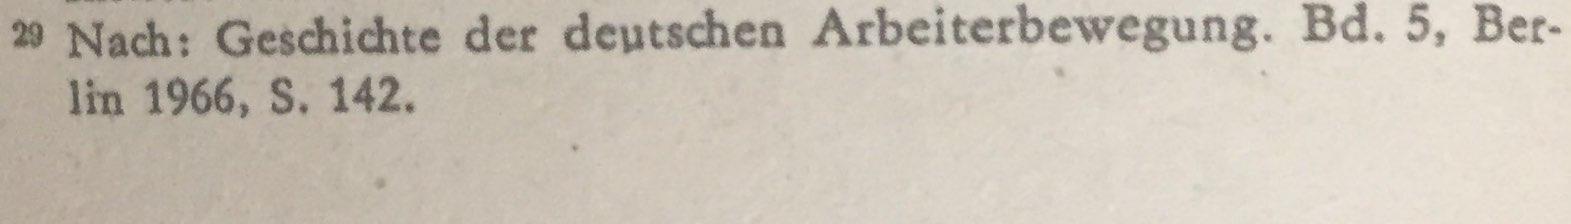 Quellenangabe Geheime Denkschrift 2 Kopie